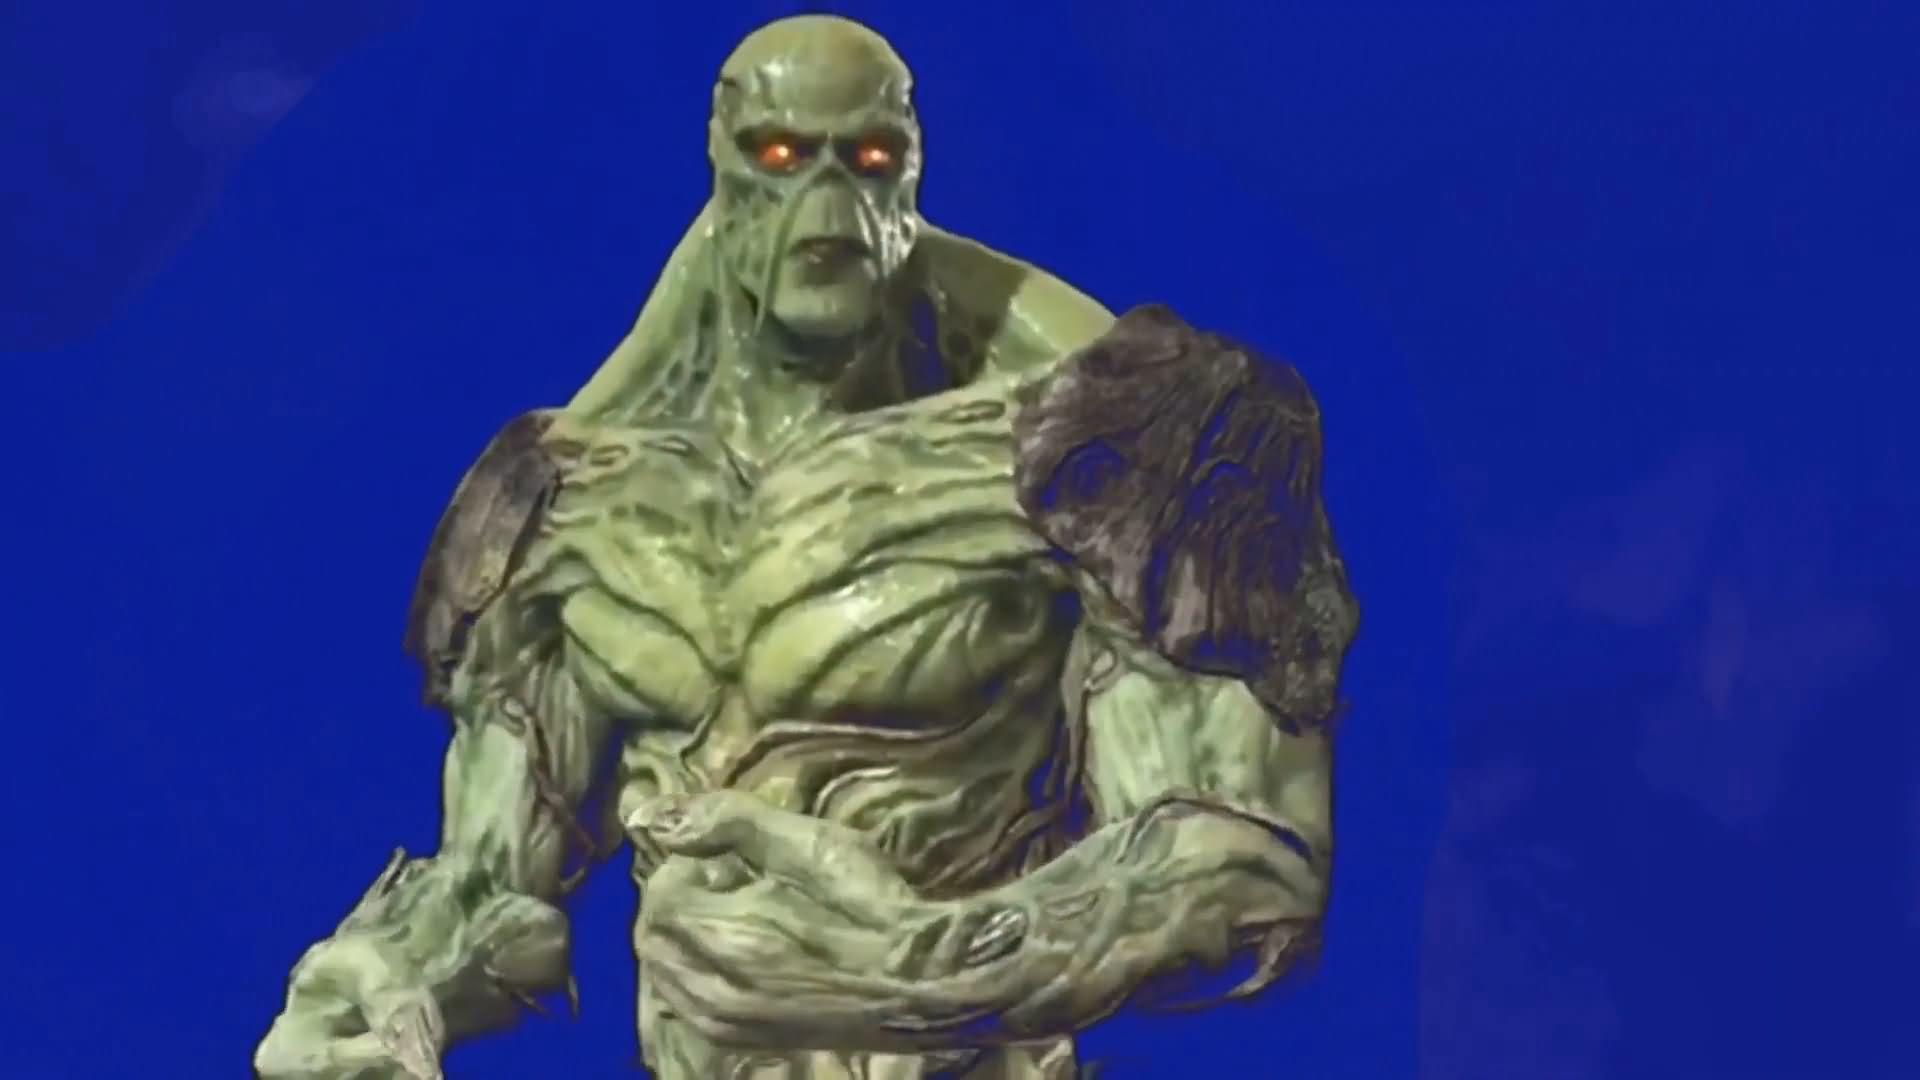 绿屏抠像DC人物沼泽怪物视频素材